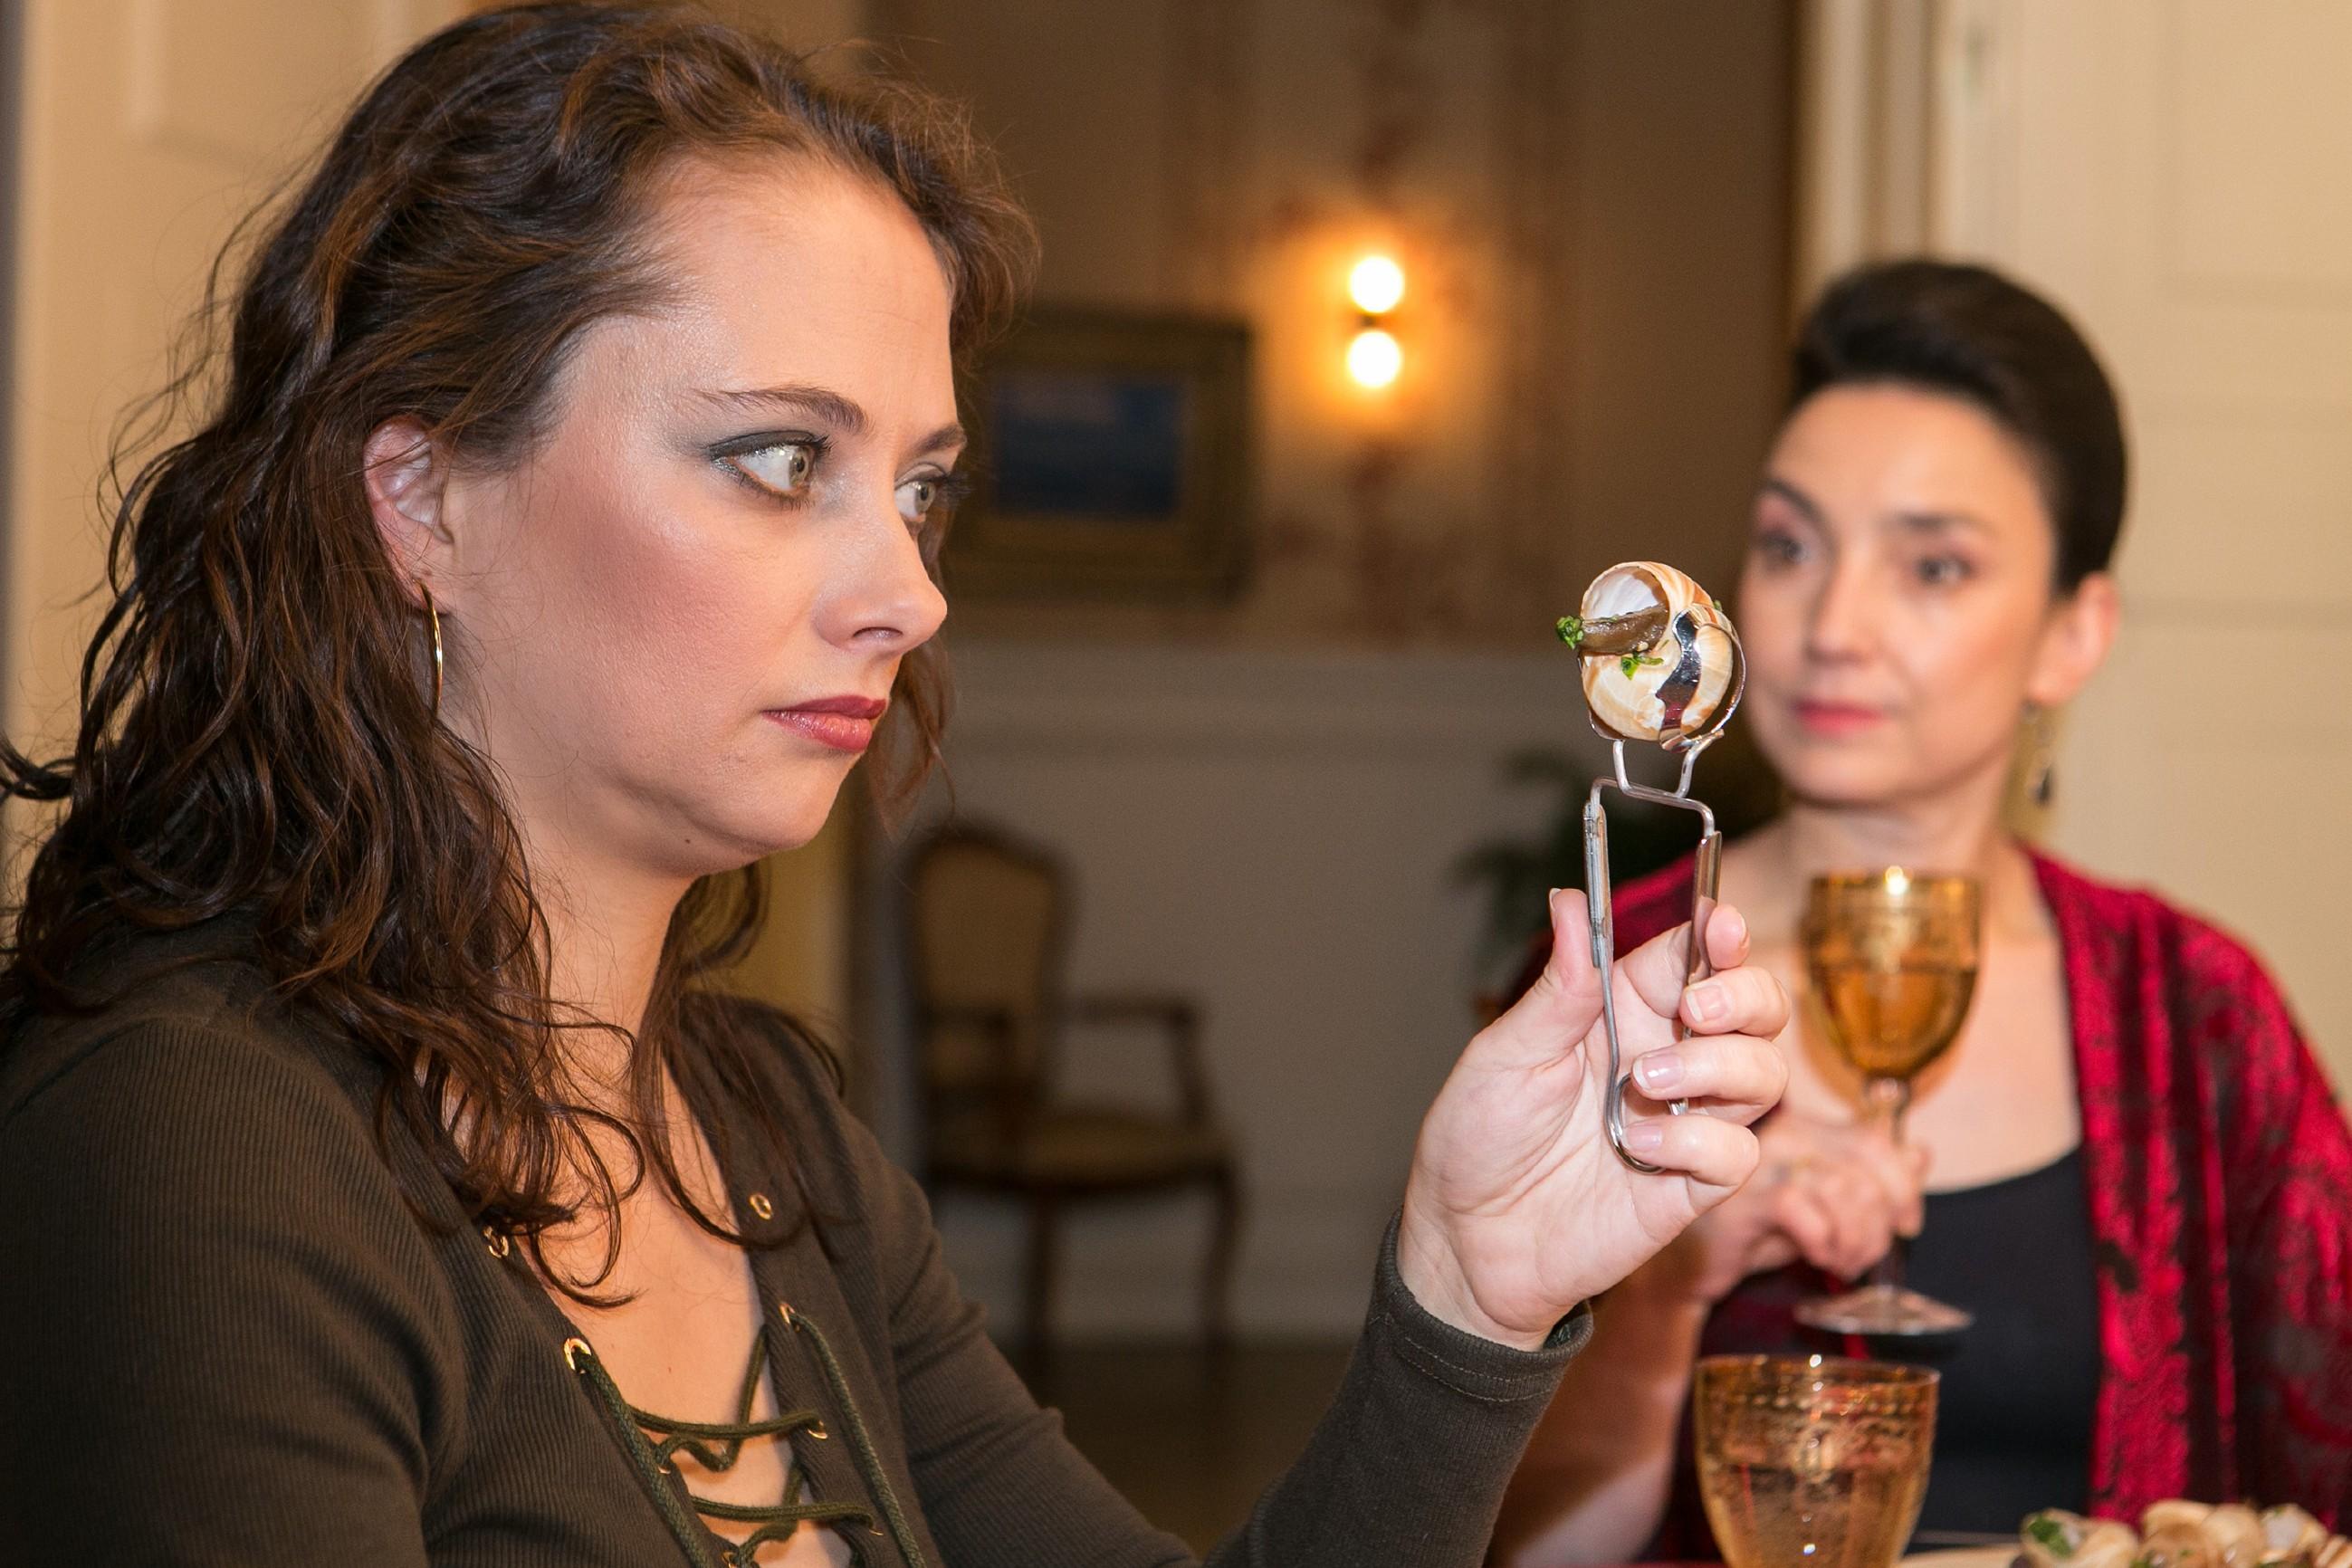 Carmen (Heike Warmuth, l.) ist dankbar, als Simone (Tatjana Clasing) eine peinliche Situation entschärft - Carmen hat noch nie Schnecken gegessen... (Quelle: RTL / Kai Schulz)